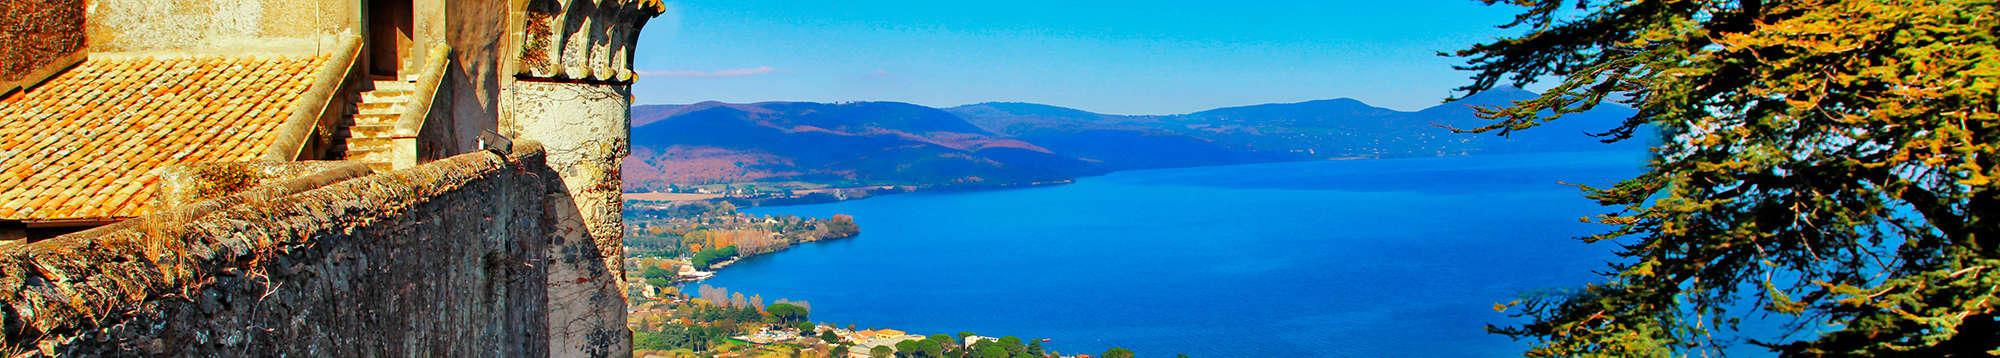 Week end e soggiorni al Lago di Bracciano